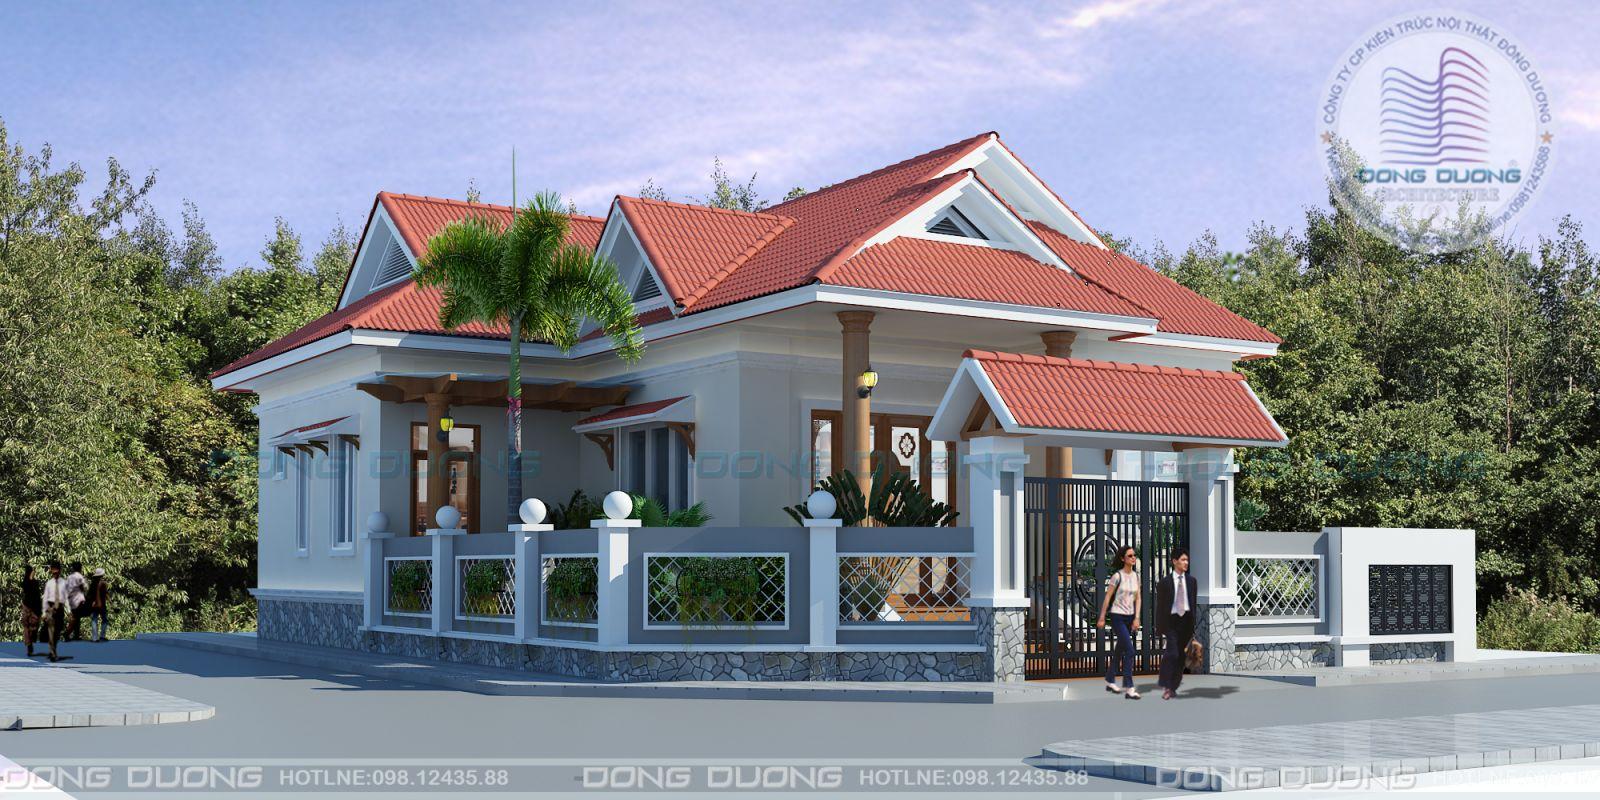 Mẫu thiết kế nhà vườn cấp 4 nông thôn đẹp 3 phòng ngủ tại Kon Tum-NV1402